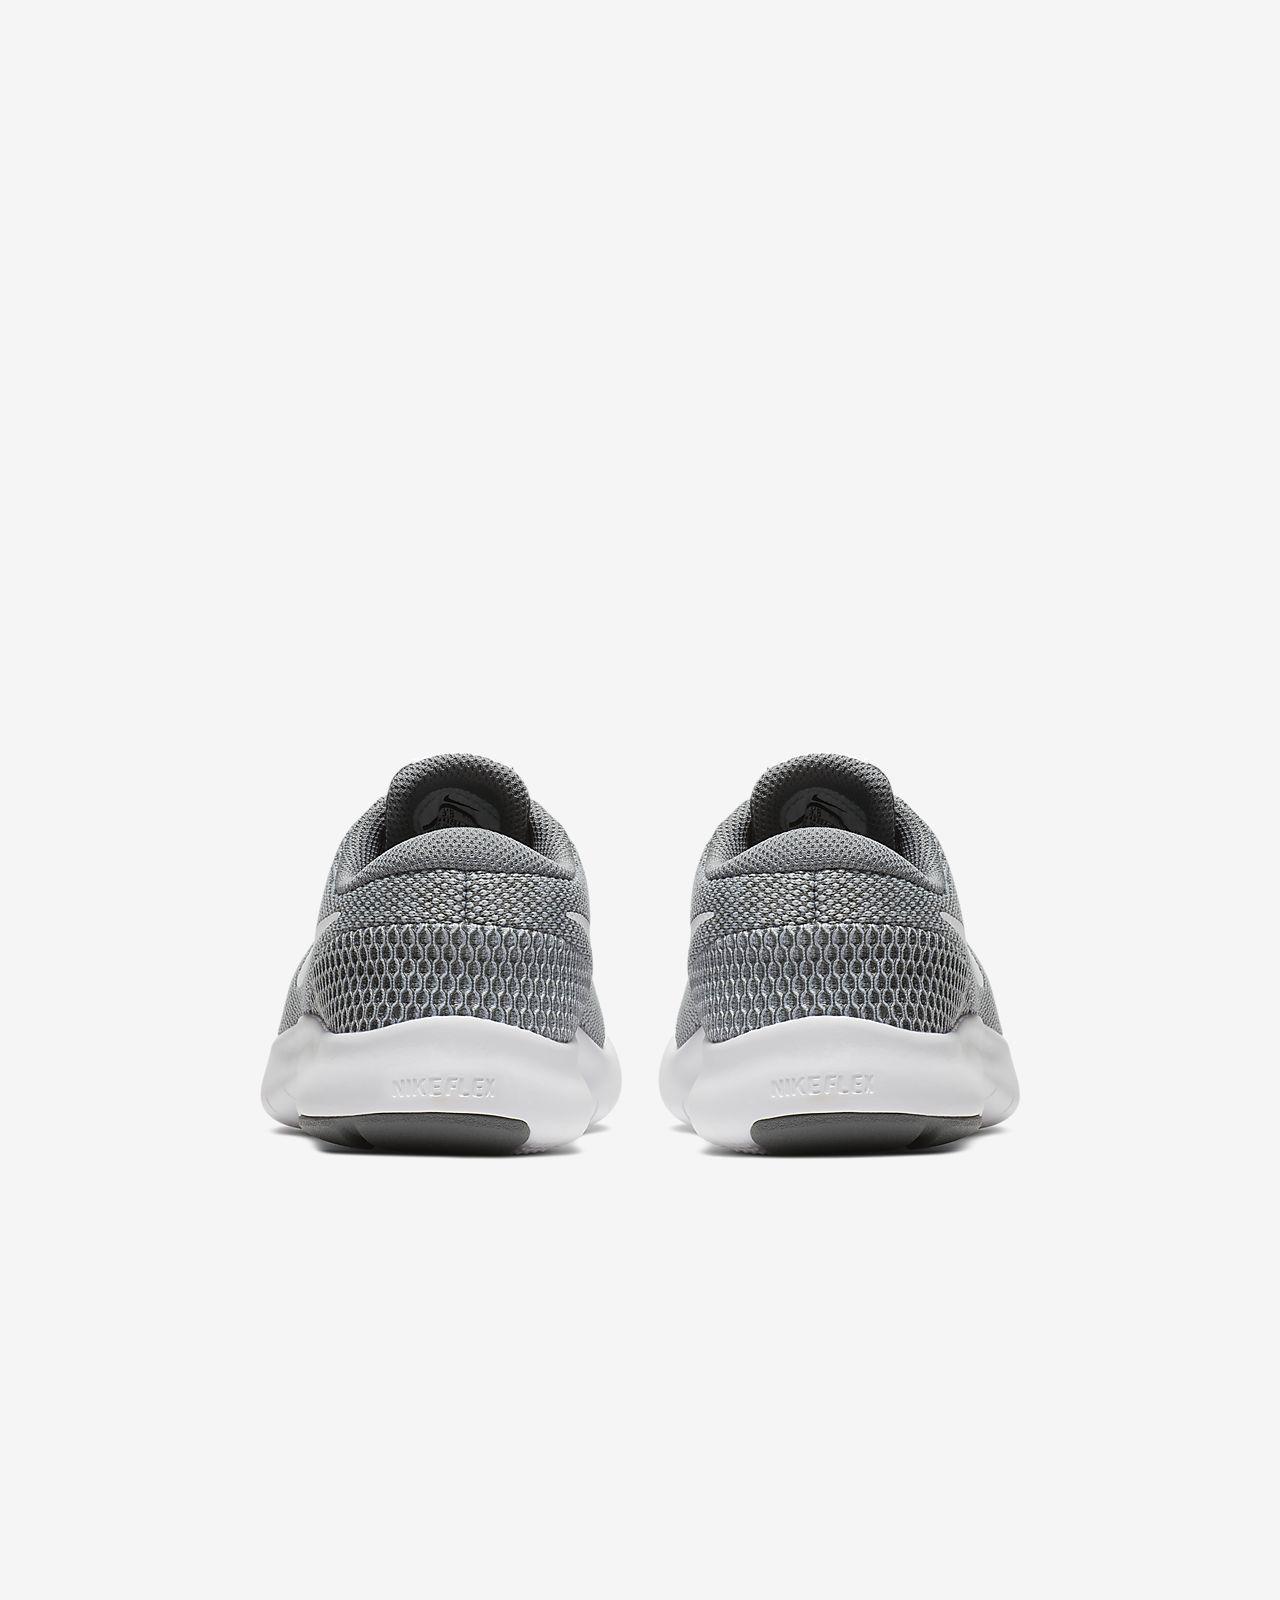 De Plus Enfant Flex Experience Nike Chaussure Running Pour Run 7 Âgé cAR54jLq3S